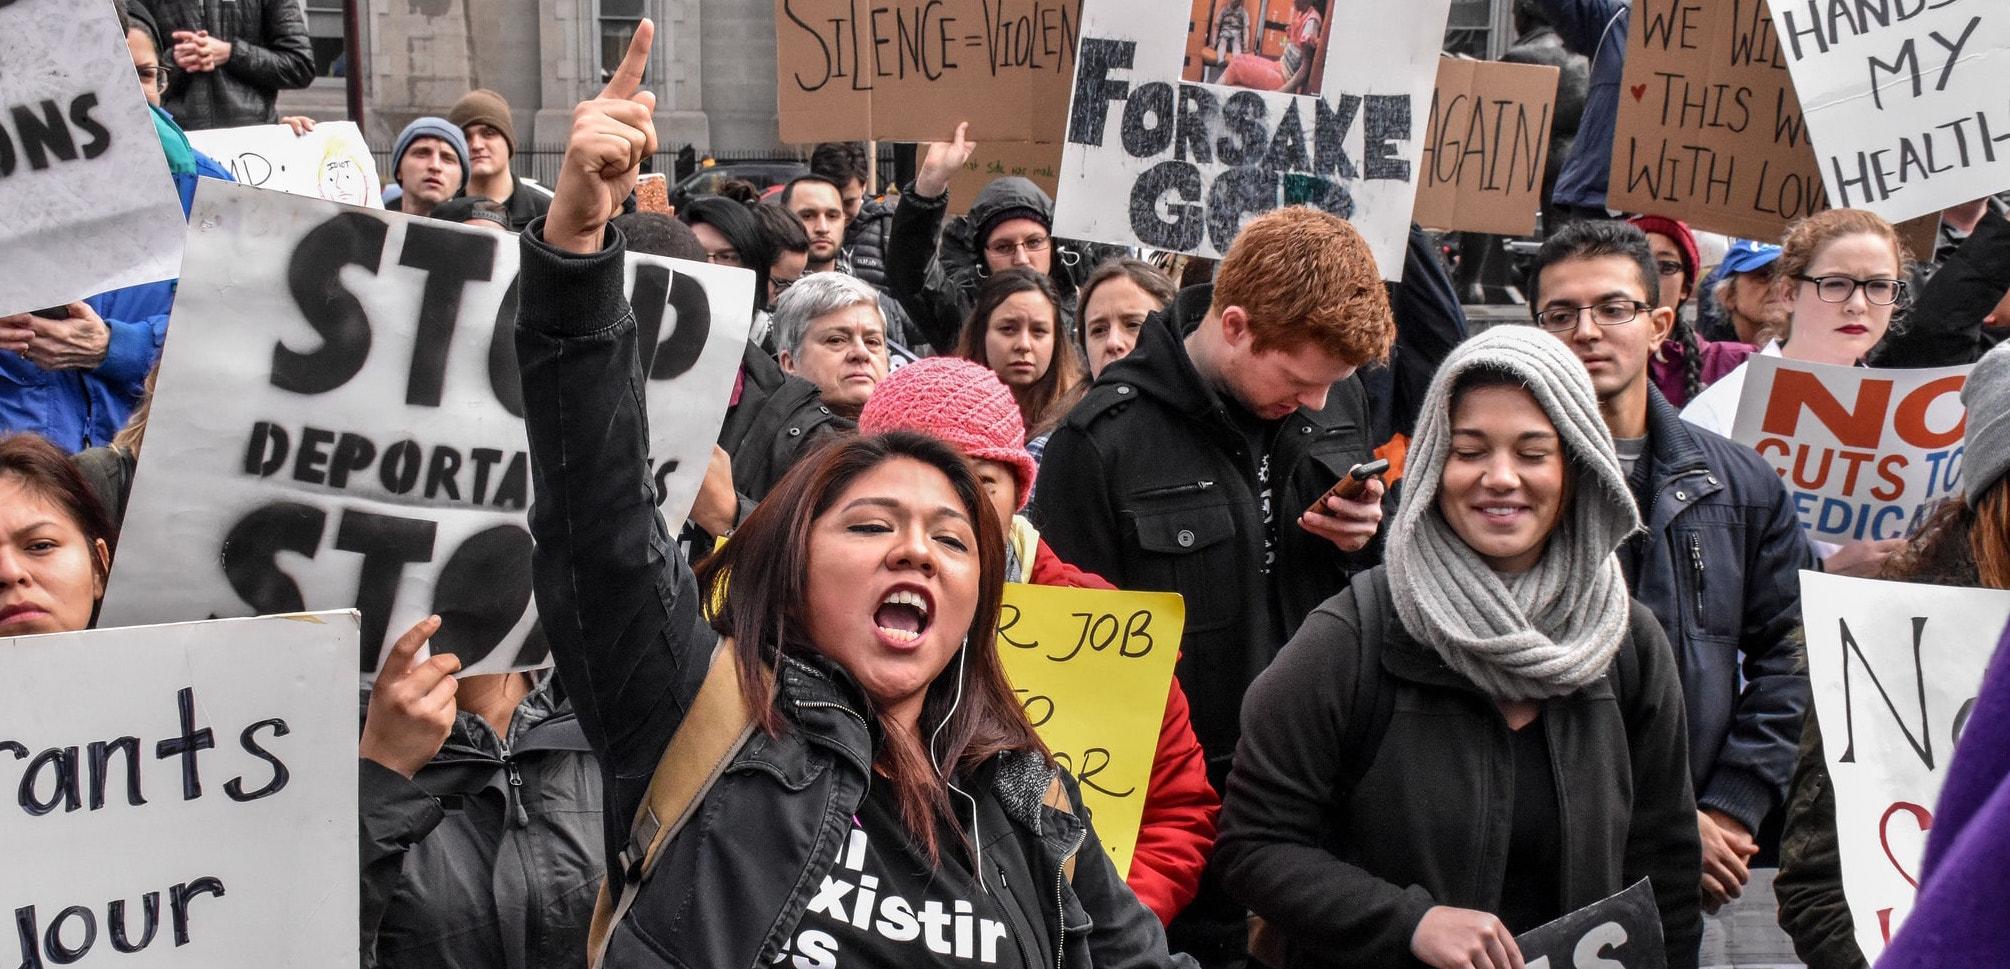 Protesters in Philadelphia in January (Photo: Joe Piette/Flickr)